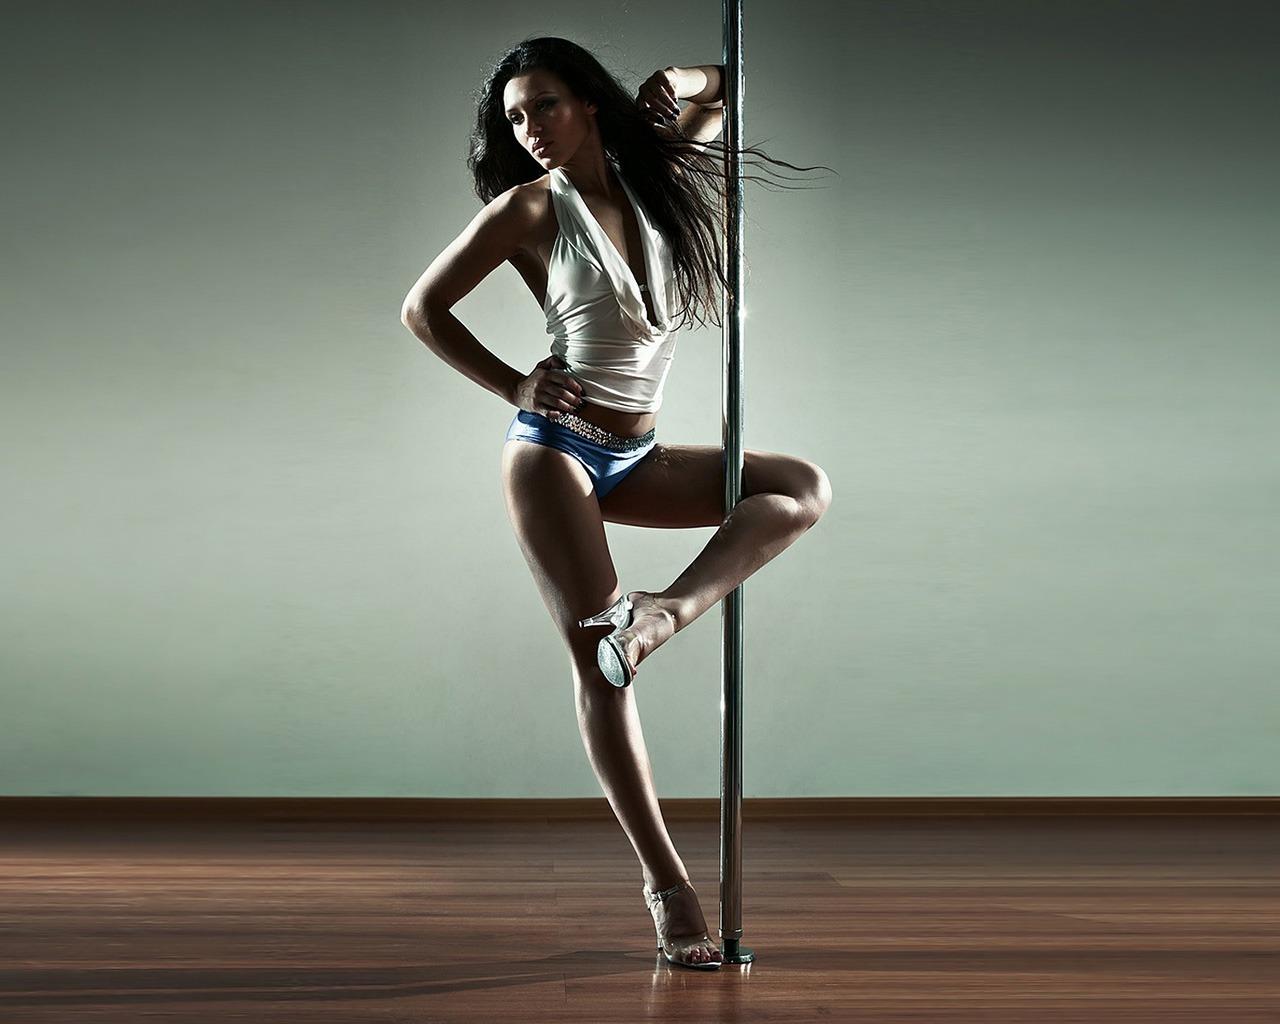 женских видео красивое тело красиво танцует можно было понежится